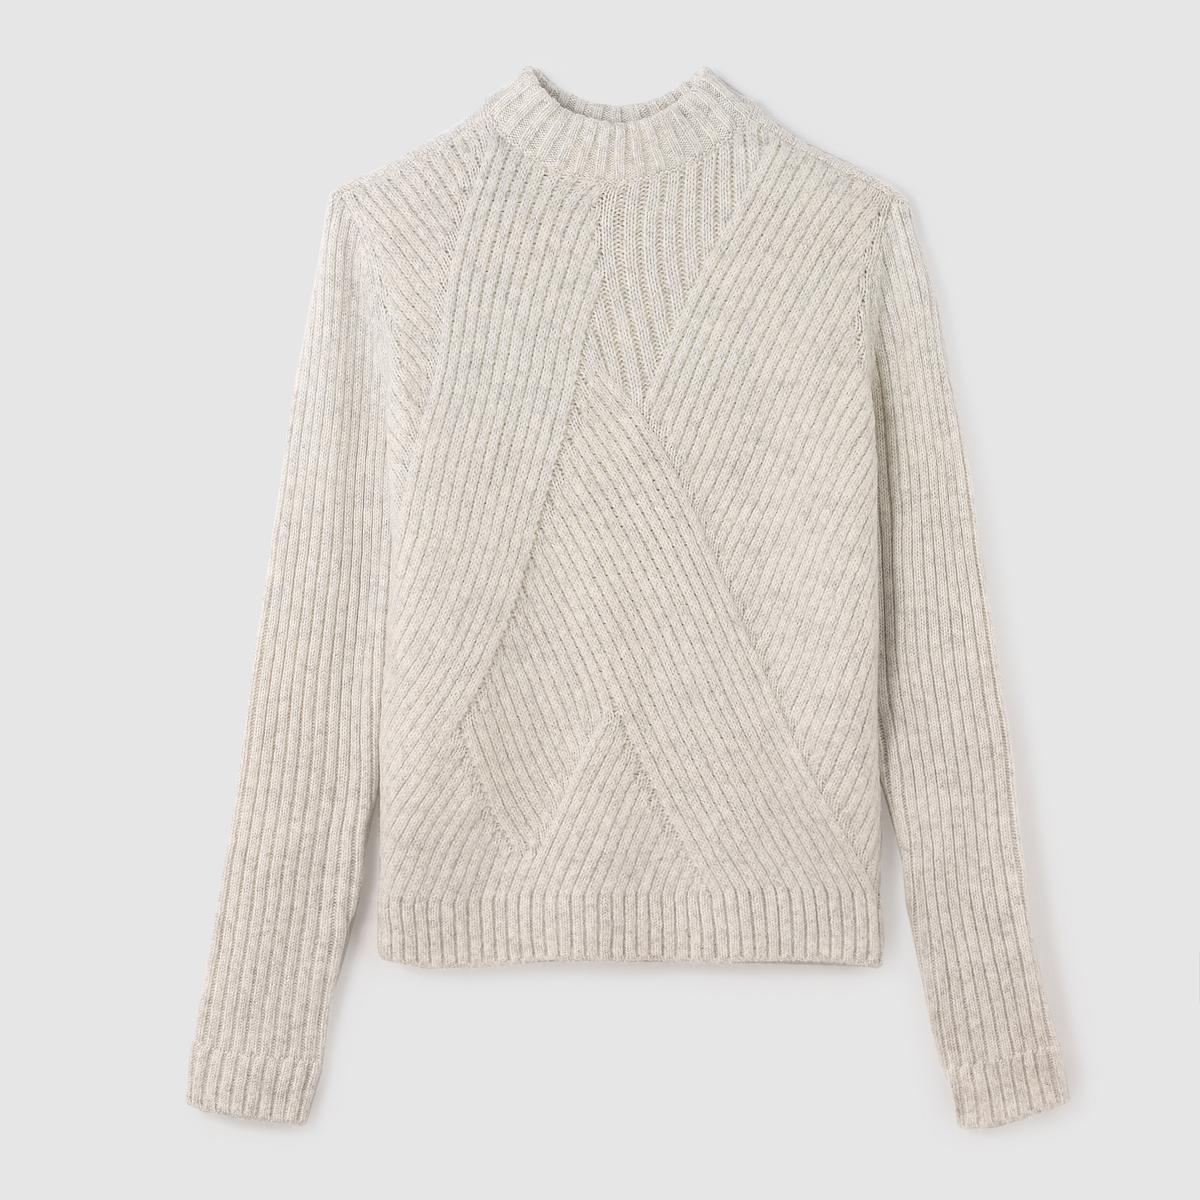 Пуловер трикотажный короткийПуловер с длинными рукавами TOM TAILOR  . Пуловер укороченного покроя . Трикотаж перекрестного асимметричного покроя . Высокий воротник. Края низа, выреза и манжет связаны в рубчик. Состав и описание :Материал : 70% акрила, 30% полиамидаМарка : TOM TAILOR.<br><br>Цвет: экрю